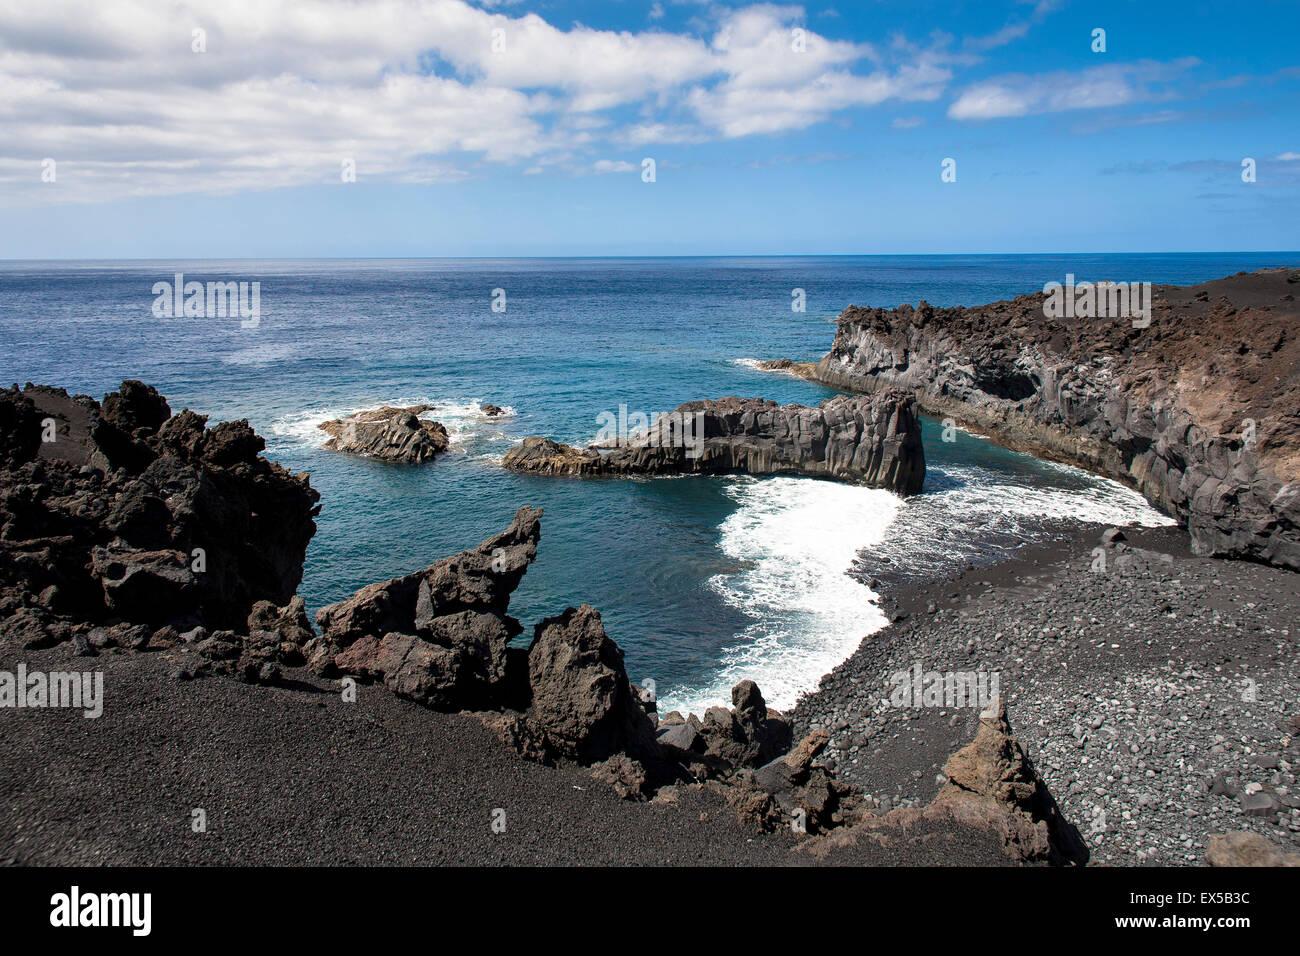 ESP, Spanien, die Kanaren Insel La Palma, erstarrte Lava des Vulkans San Antonio an der Küste in der Nähe Stockbild